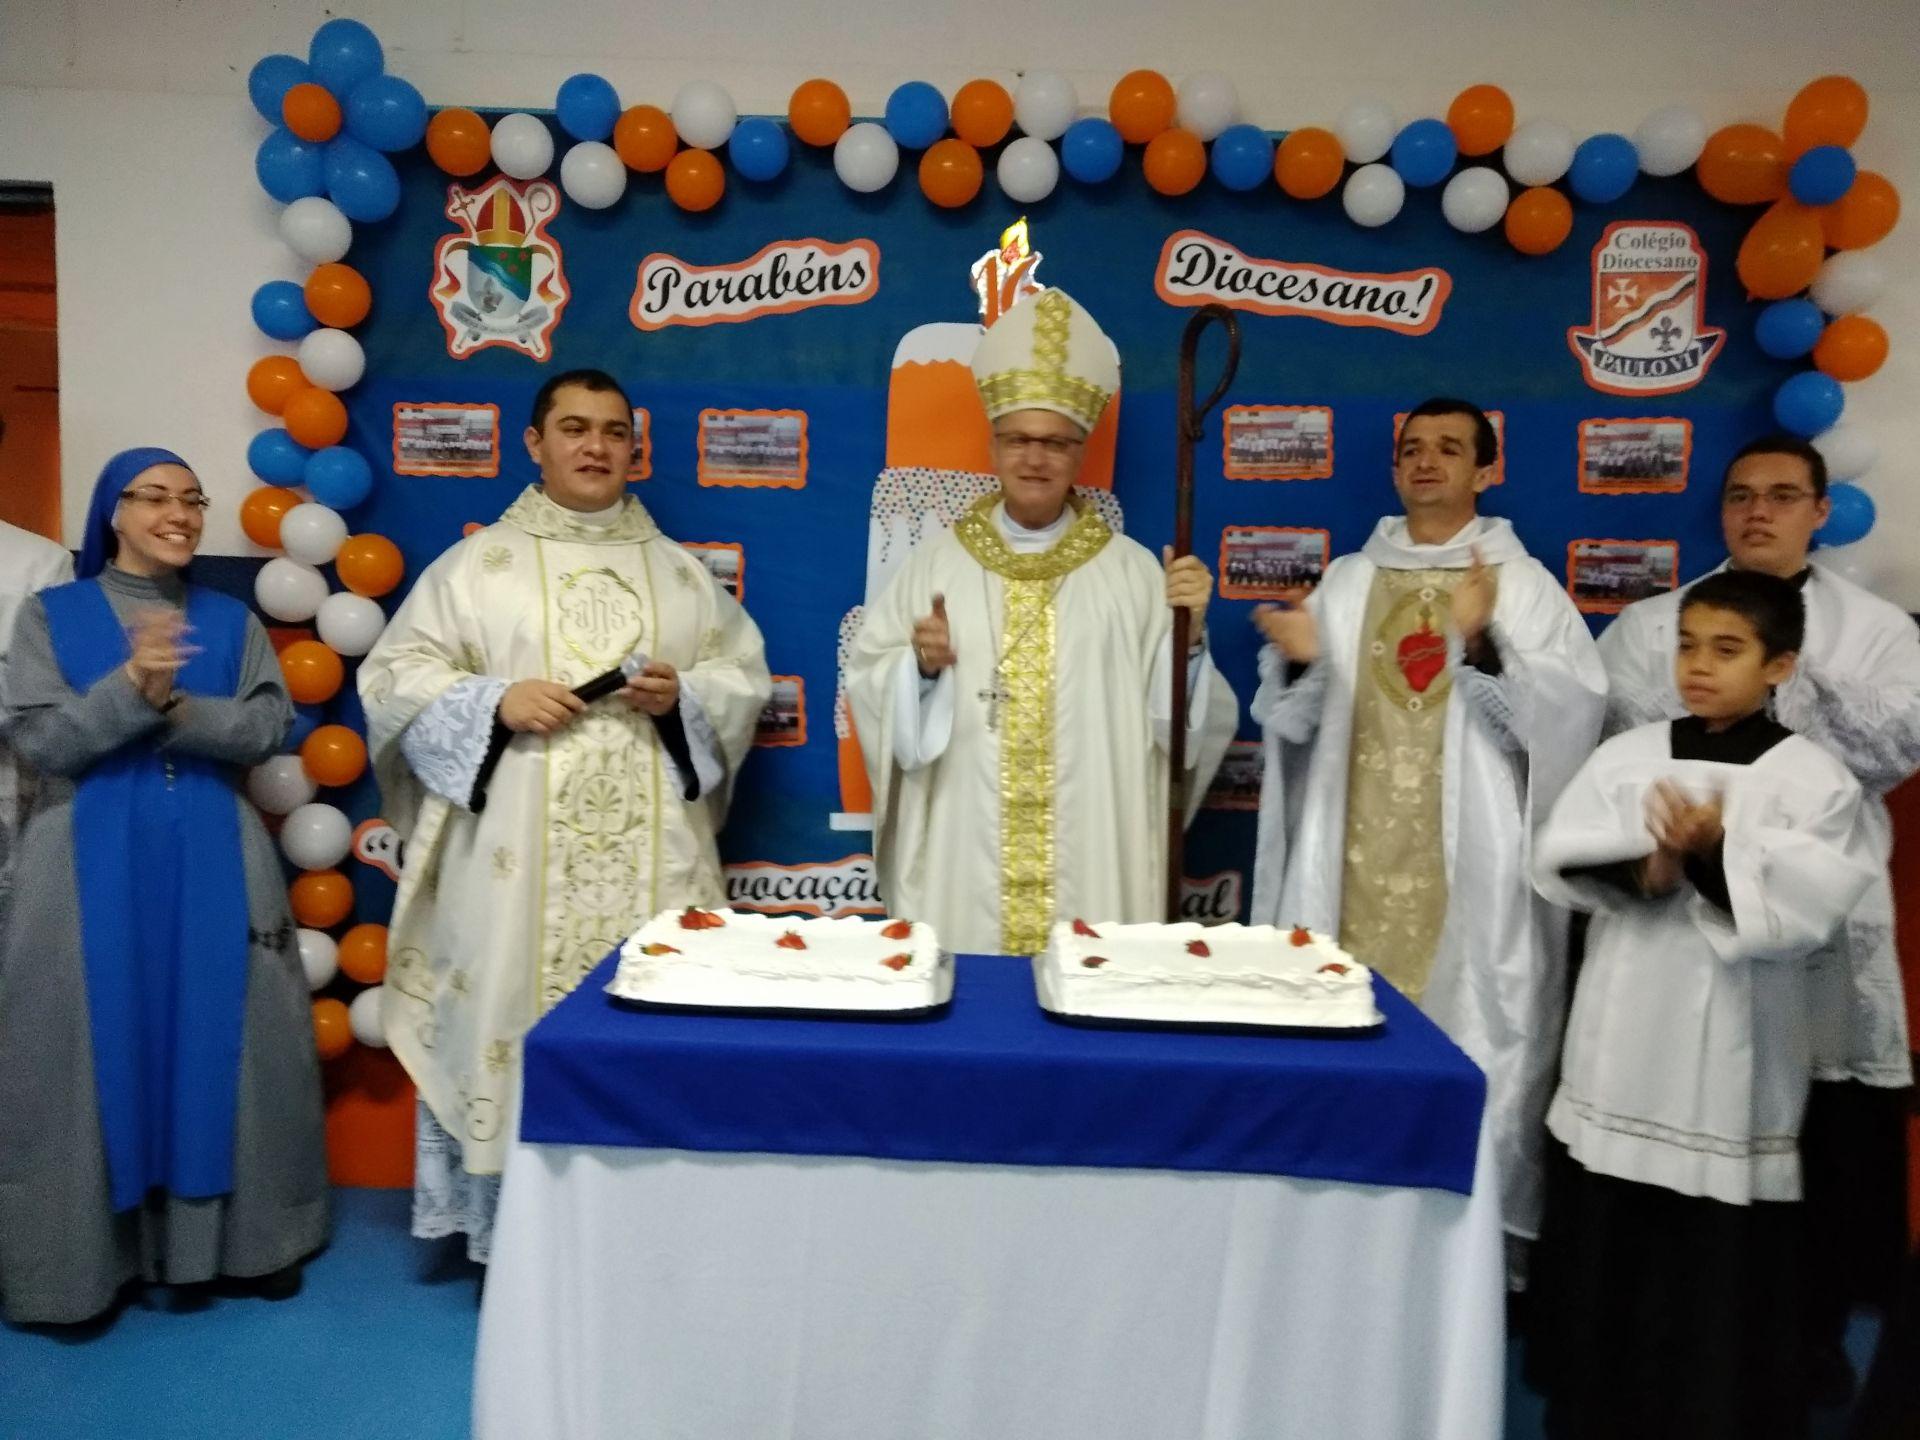 Solene Missa em Ação de Graças pelos 16 anos do Colégio Diocesano